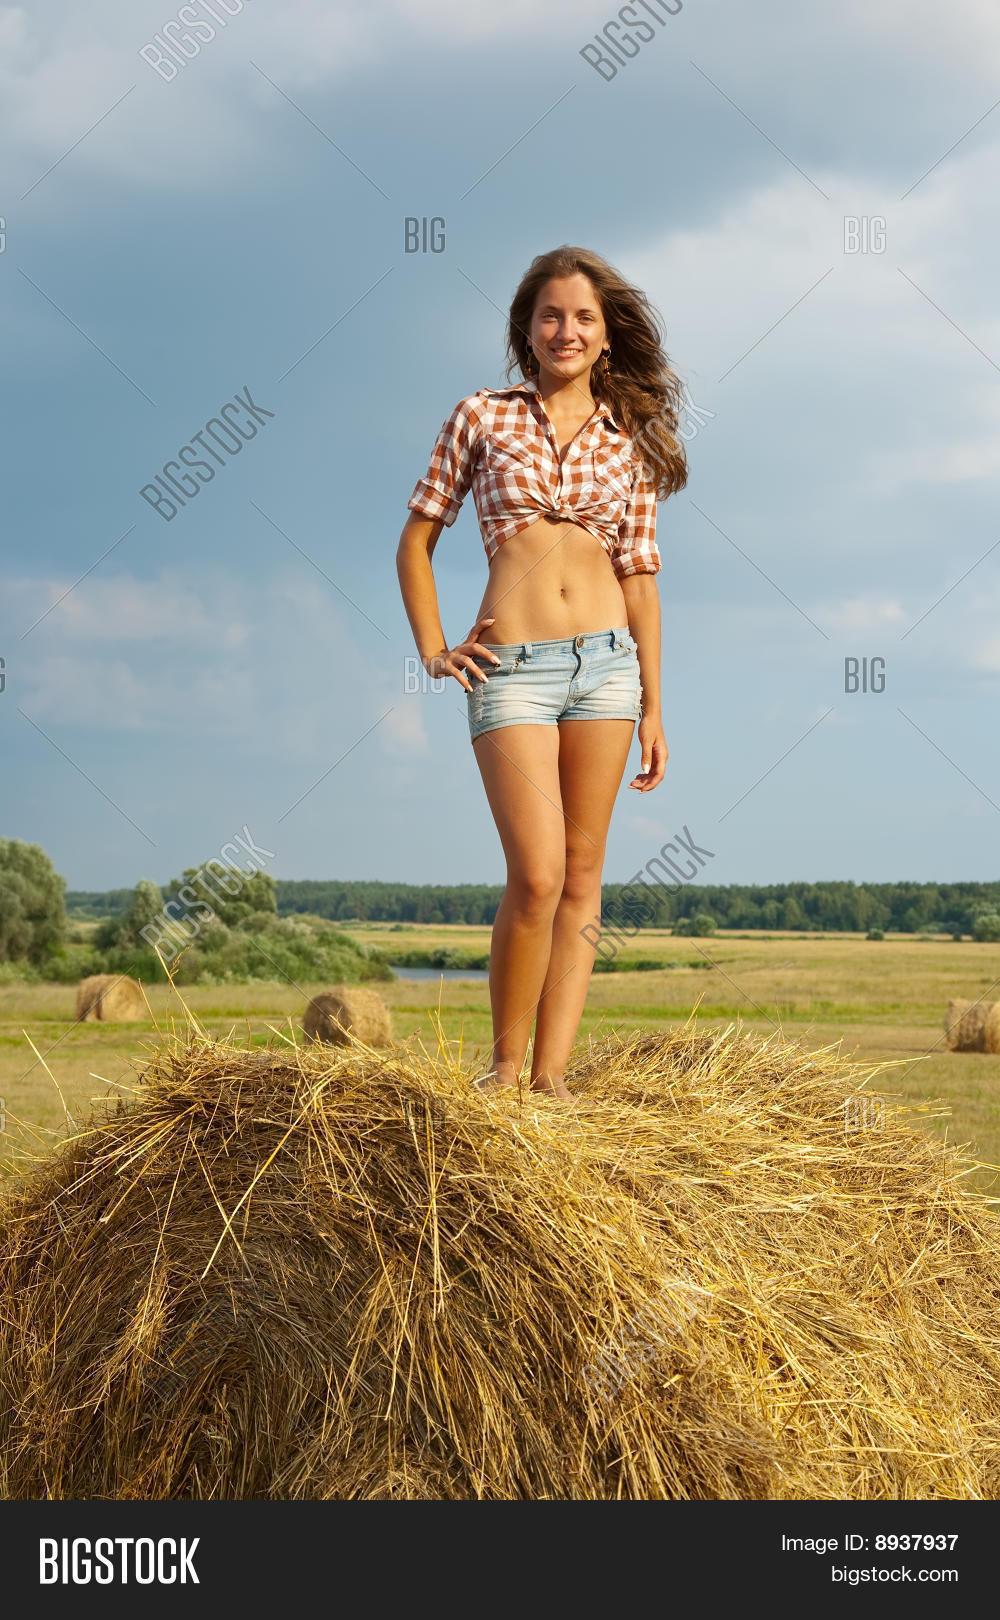 Фото девочки возле сена 14 фотография